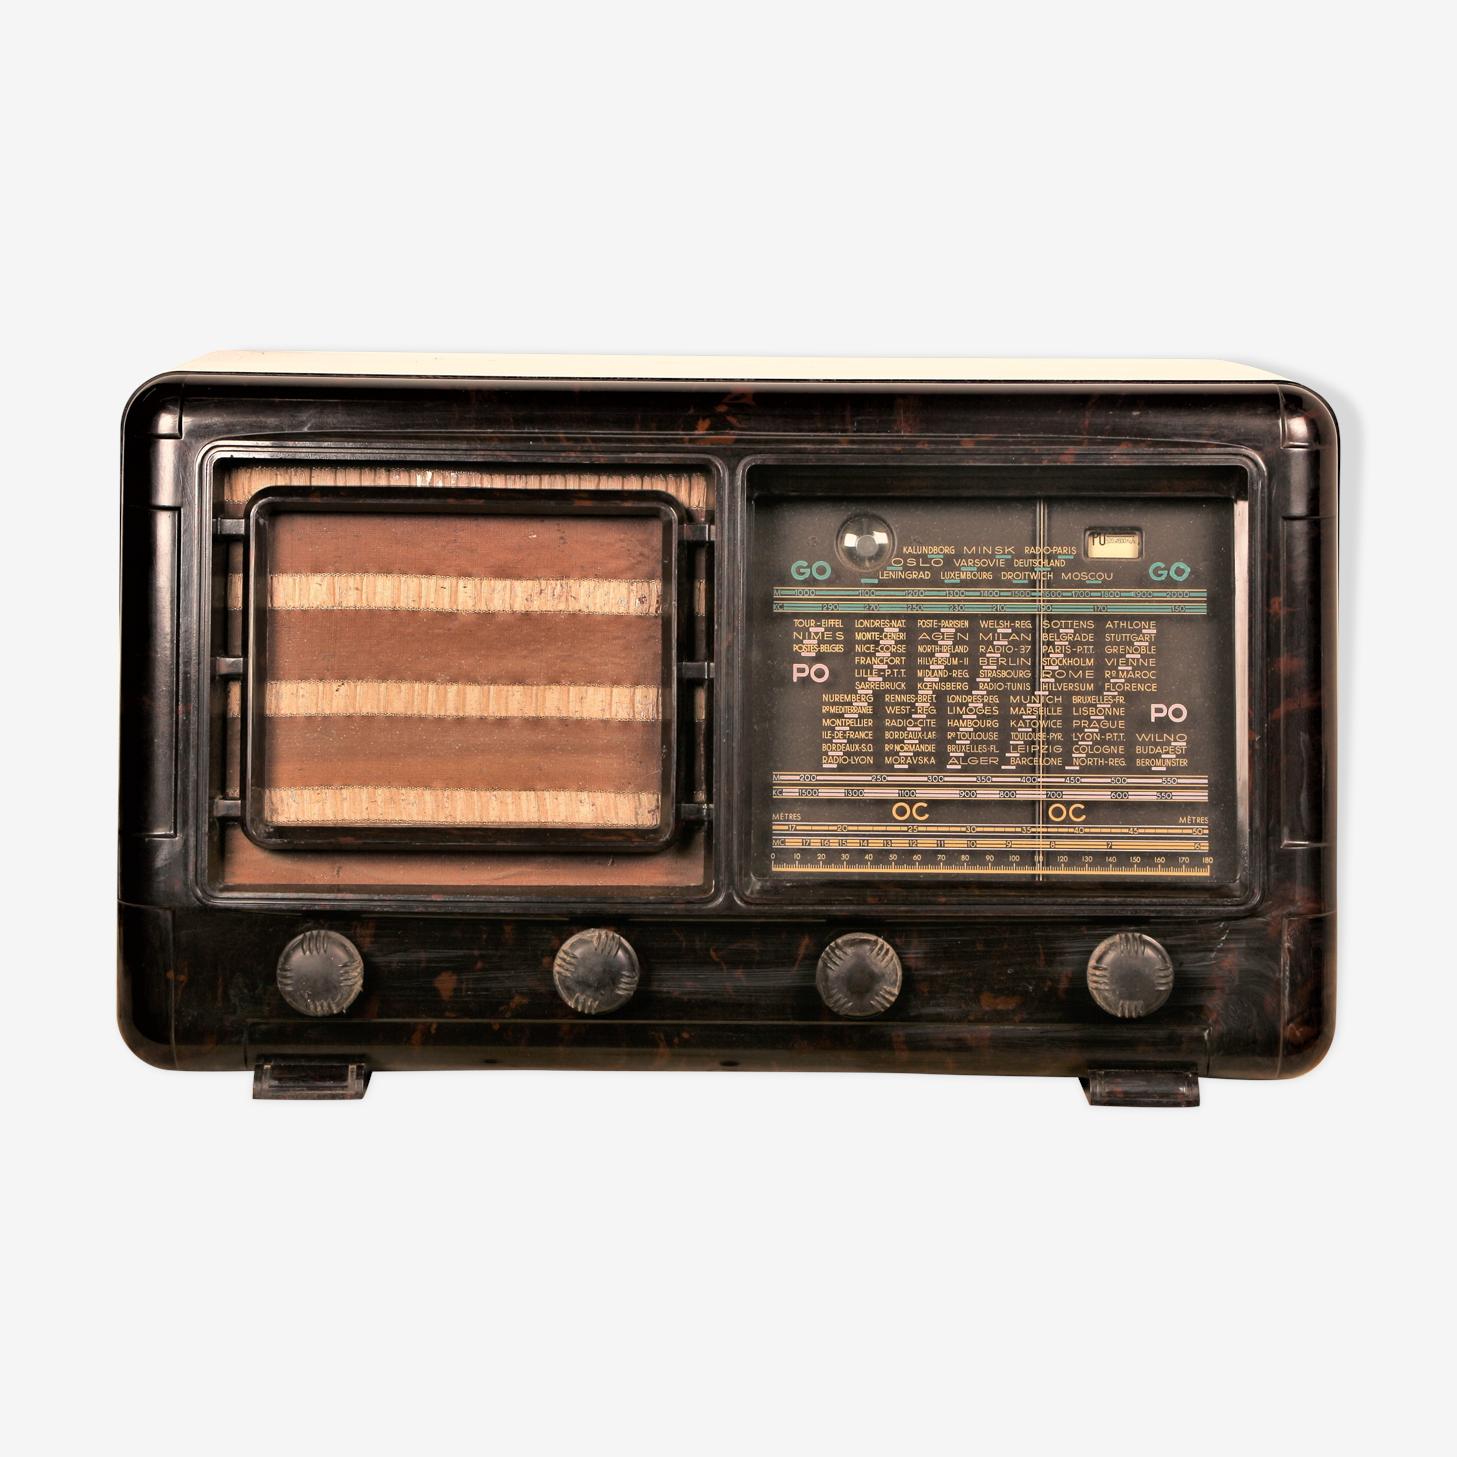 """Radio tsf vintage bluetooth """"Ondia"""" 1945"""